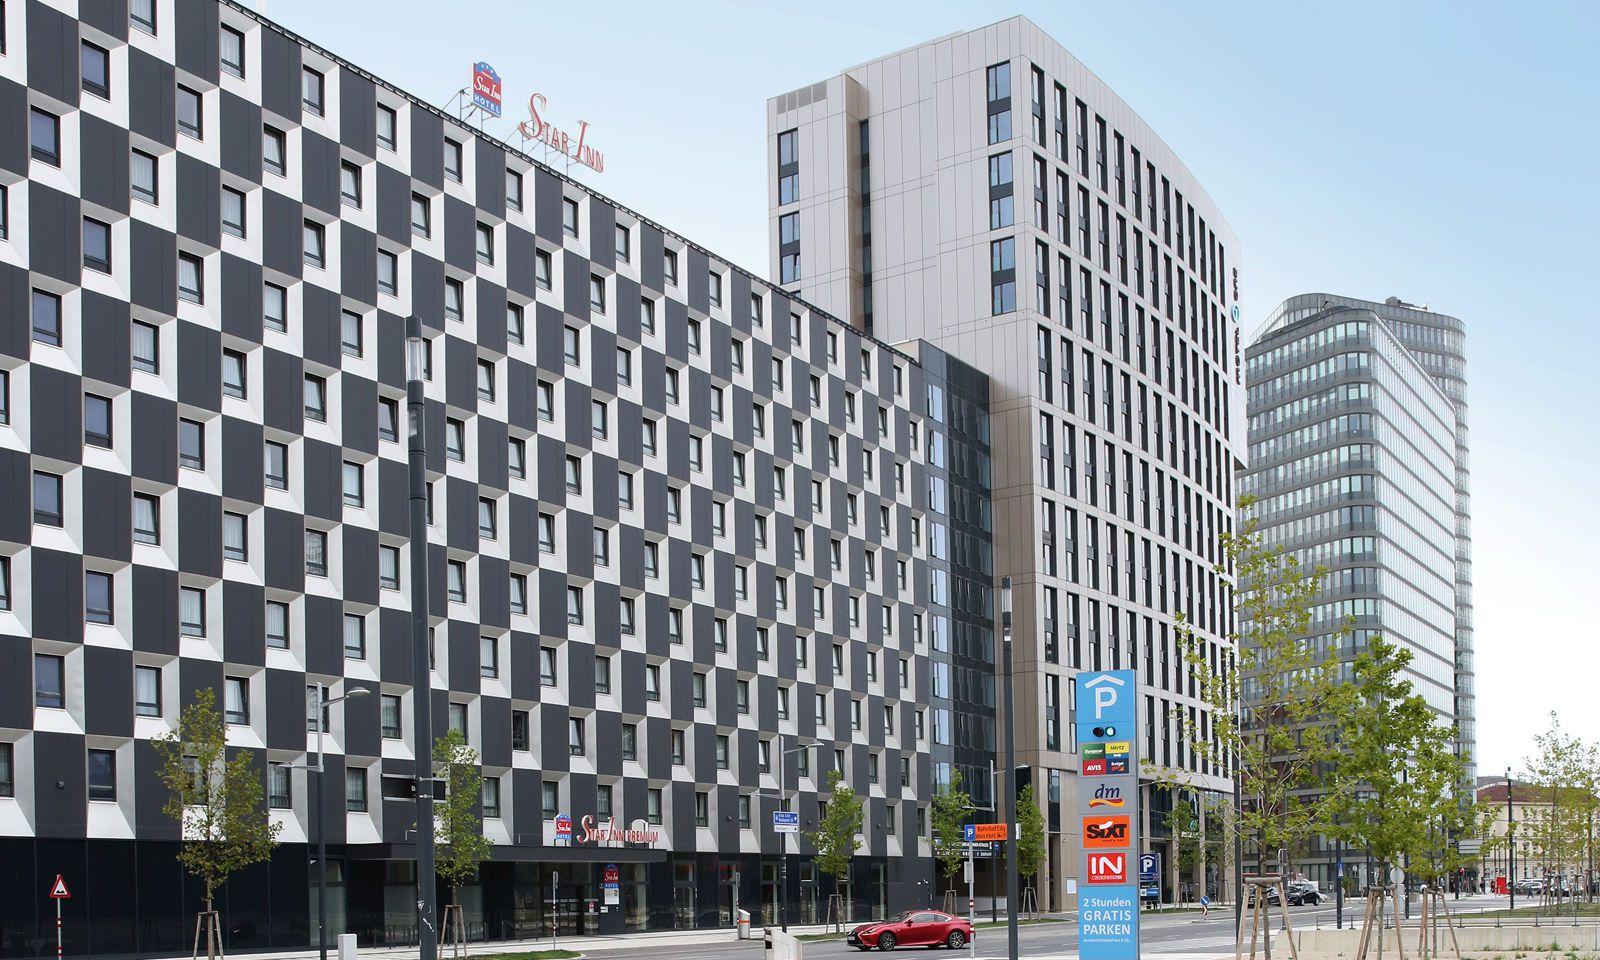 Teil des Projektplans sind auch Hotels, einige haben bereits eröffnet.